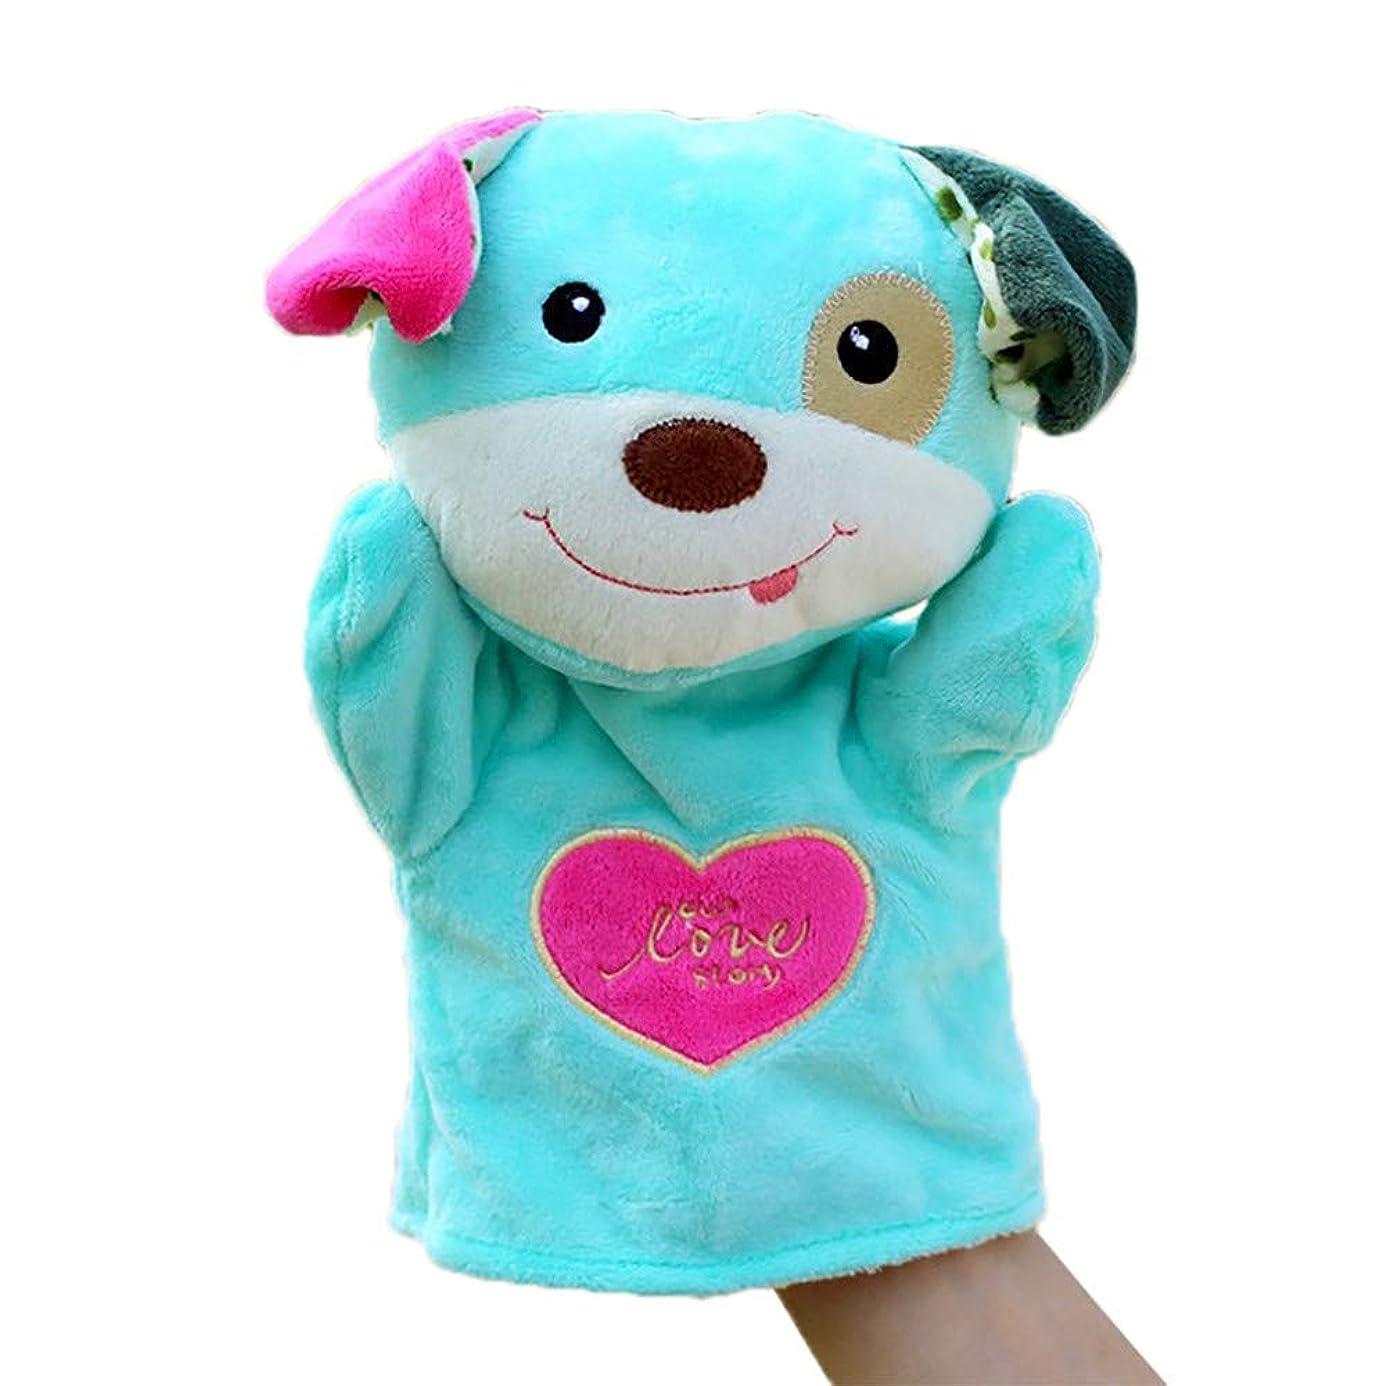 callm Hand Puppet,Finger Puppets,Kids Glove Hand Puppet Soft Plush Finger Toys Cute Cartoon Animal Doll Toys Cat/Dog/Duck/Bear